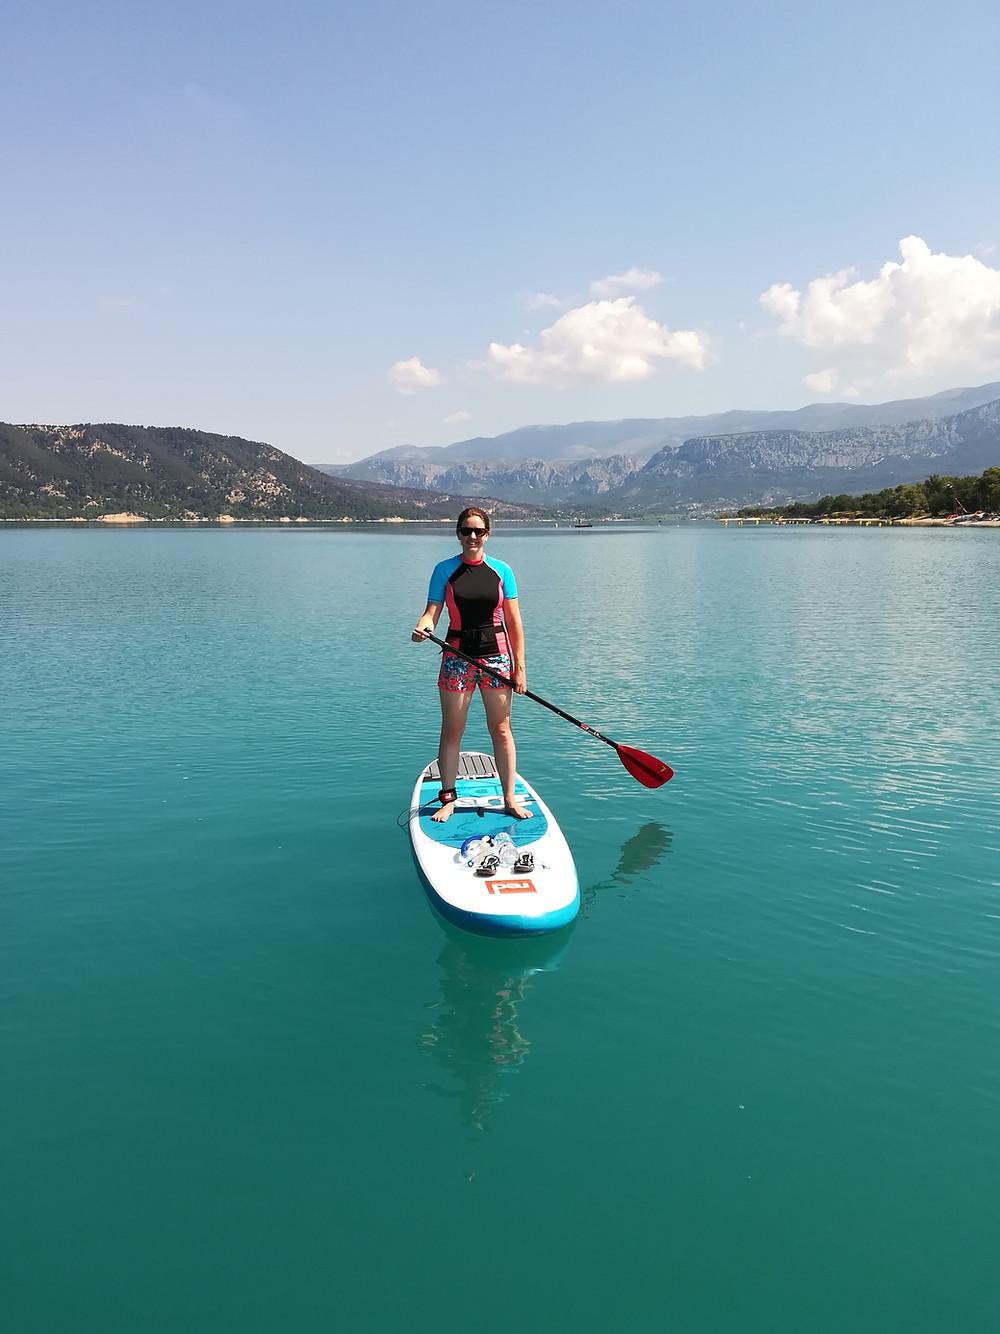 Paddleboarding at Sainte-Croix-de-Verdon